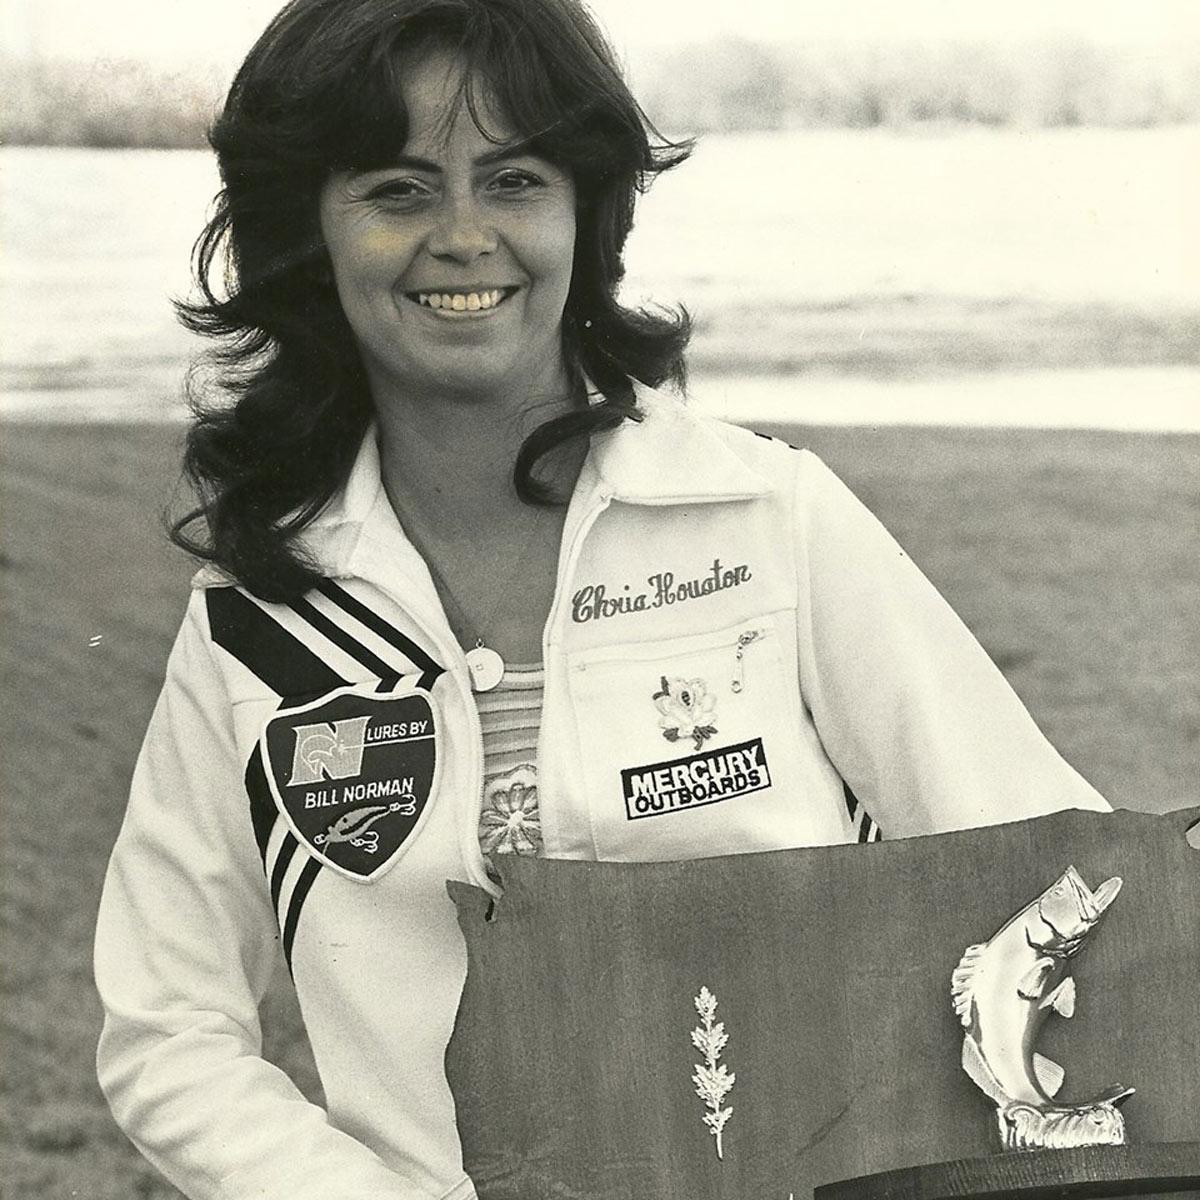 Chris Houston with plaque